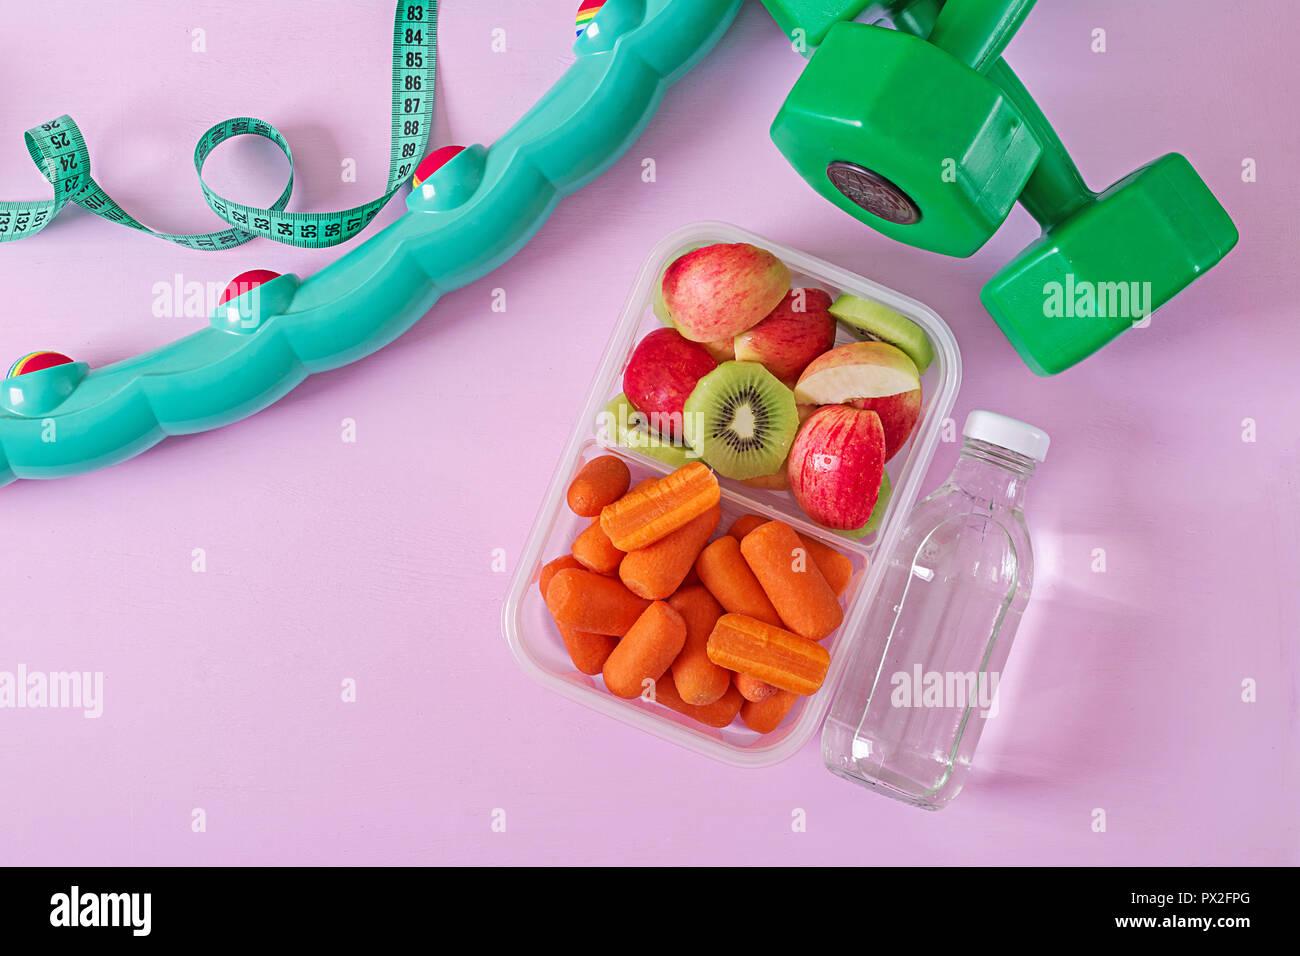 Attrezzature per il fitness. Cibo sano. Concetto di alimenti sani e sports lifestyle. Pranzo vegetariano. Il manubrio, acqua, frutta su sfondo rosa. Vista dall'alto. Fl Immagini Stock